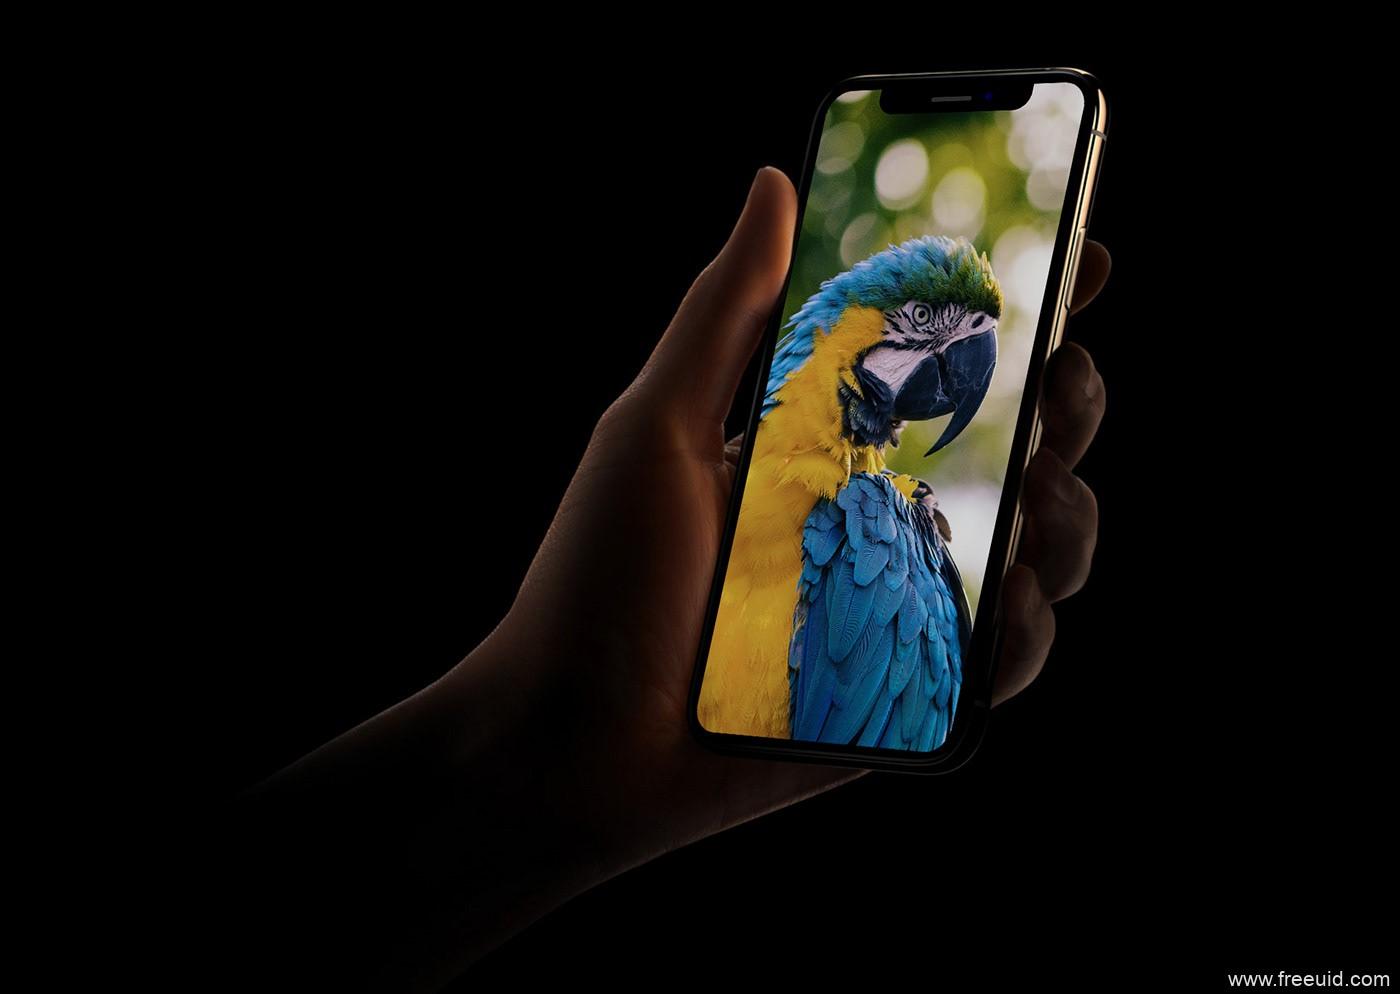 精品手持iPhonex 样机展示模板,mockup样机模板psd分享